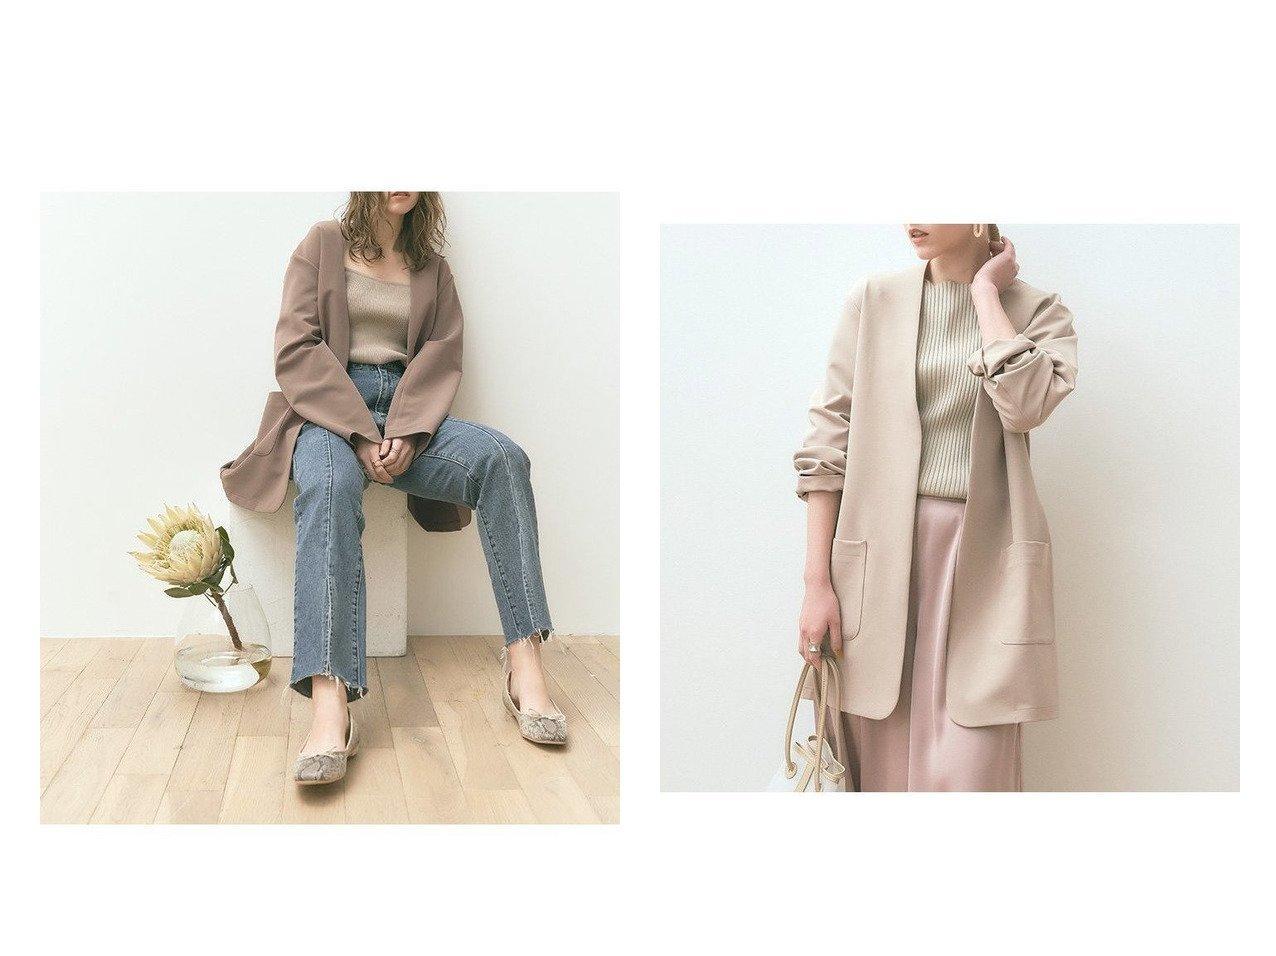 【titivate/ティティベイト】のデザインバックベルトノーカラージャケット アウターのおすすめ!人気、トレンド・レディースファッションの通販 おすすめで人気の流行・トレンド、ファッションの通販商品 メンズファッション・キッズファッション・インテリア・家具・レディースファッション・服の通販 founy(ファニー) https://founy.com/ ファッション Fashion レディースファッション WOMEN アウター Coat Outerwear ジャケット Jackets ノーカラージャケット No Collar Leather Jackets ベルト Belts インナー ジャケット ポケット 春 Spring |ID:crp329100000024032